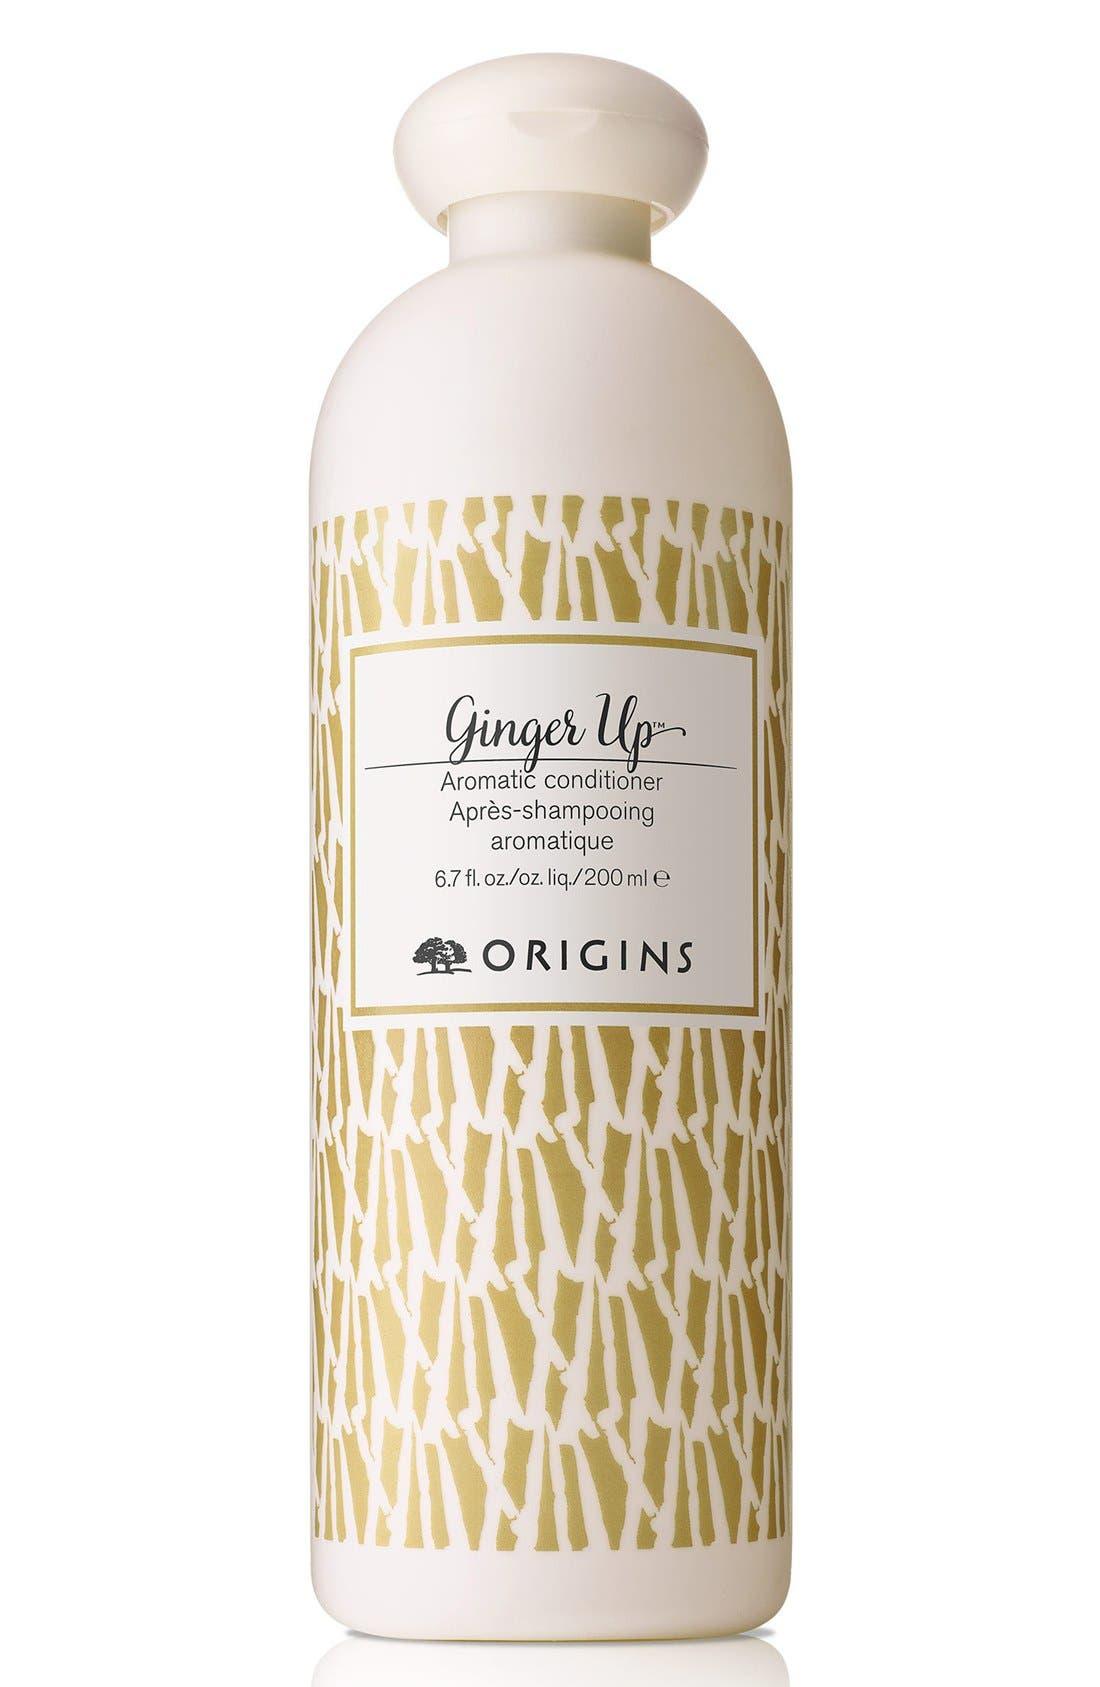 Origins Ginger Up™ Aromatic Conditioner